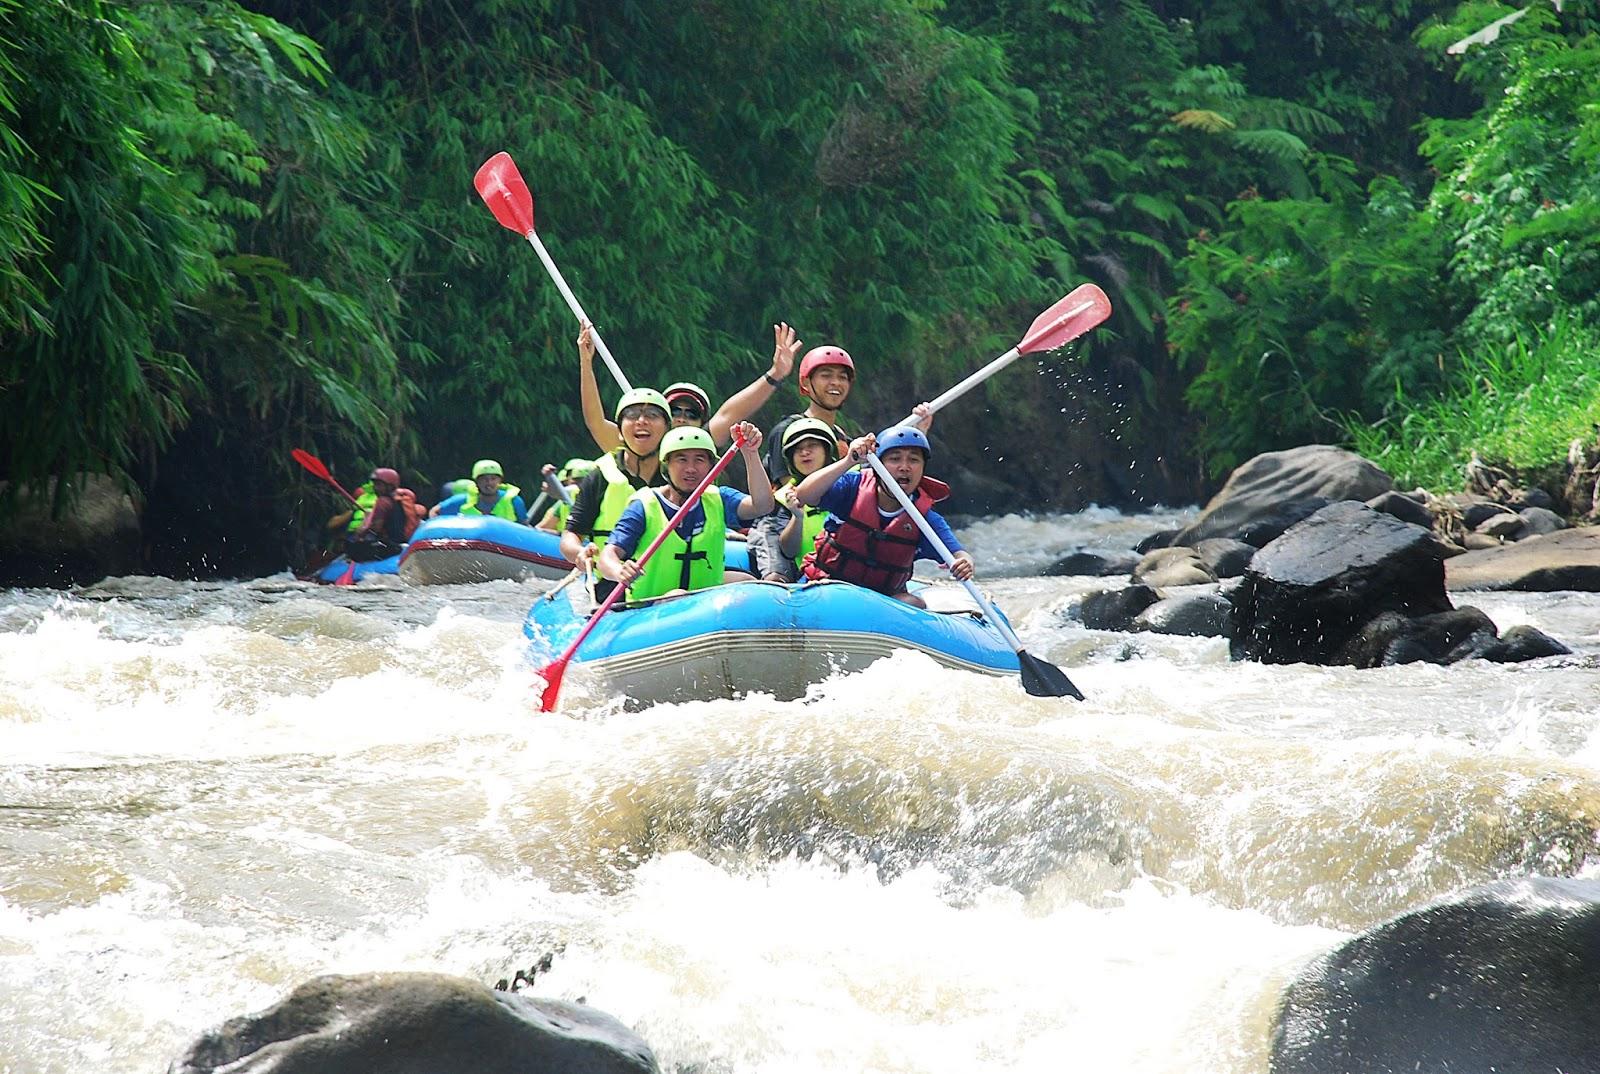 Jelajah Pasundan Tiket Rafting Sungai Ayung Bali Ter Short Di Bandung Disungai Cisangkuy Saja Lebih Seru Dengan Tantangan Baru Panjang Trip Pengarungan Hampir 12 Km